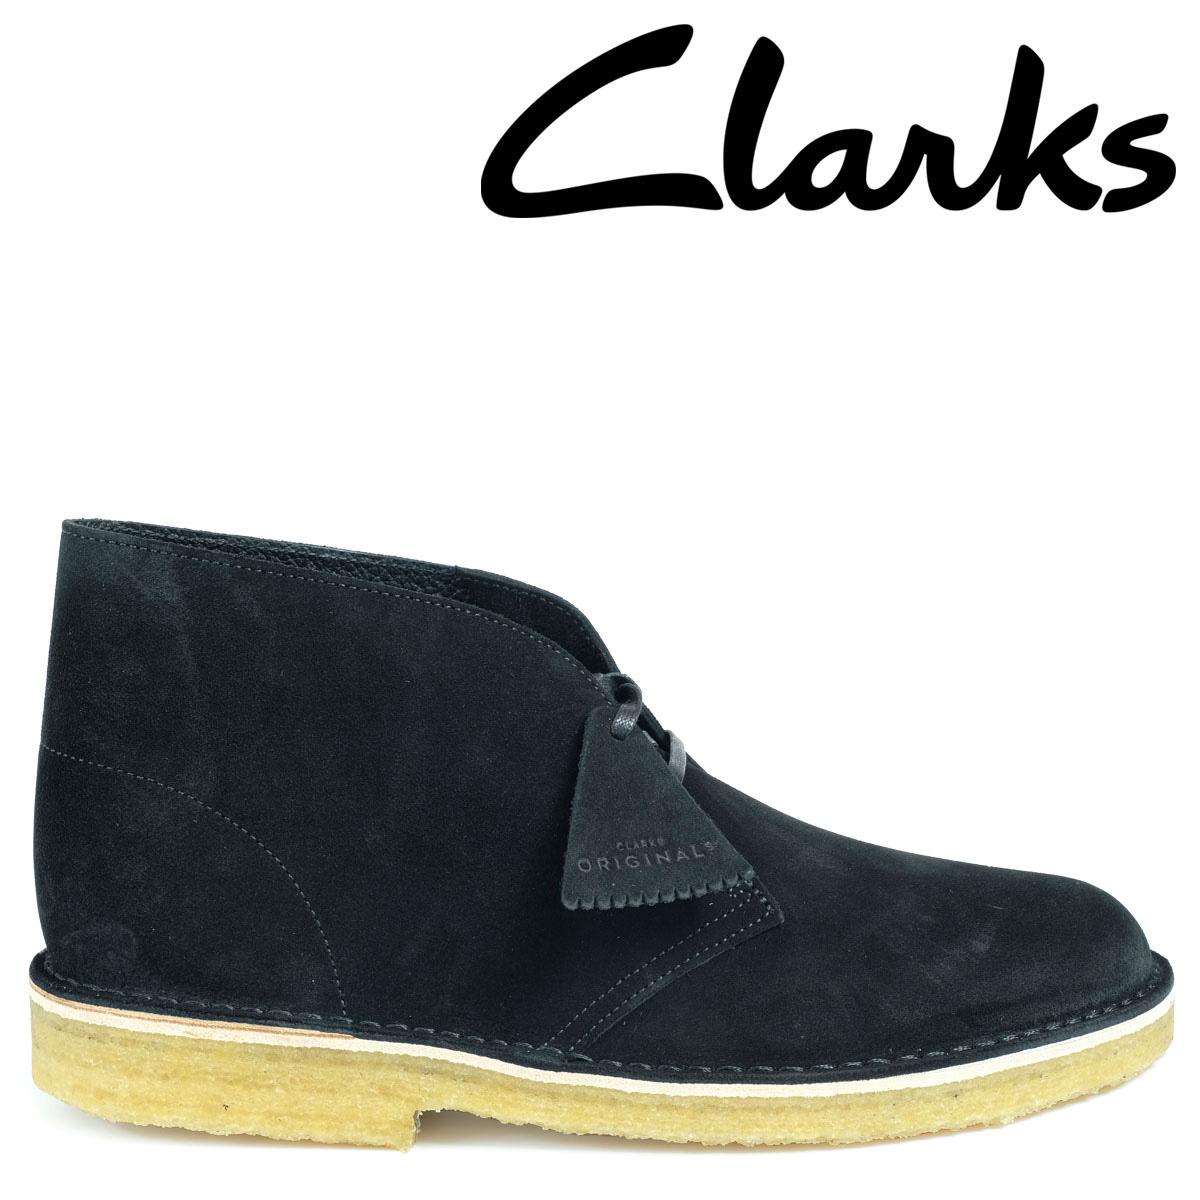 Clarks デザートブーツ メンズ クラークス DESERT BOOT 26128537 レザー 靴 ブラック